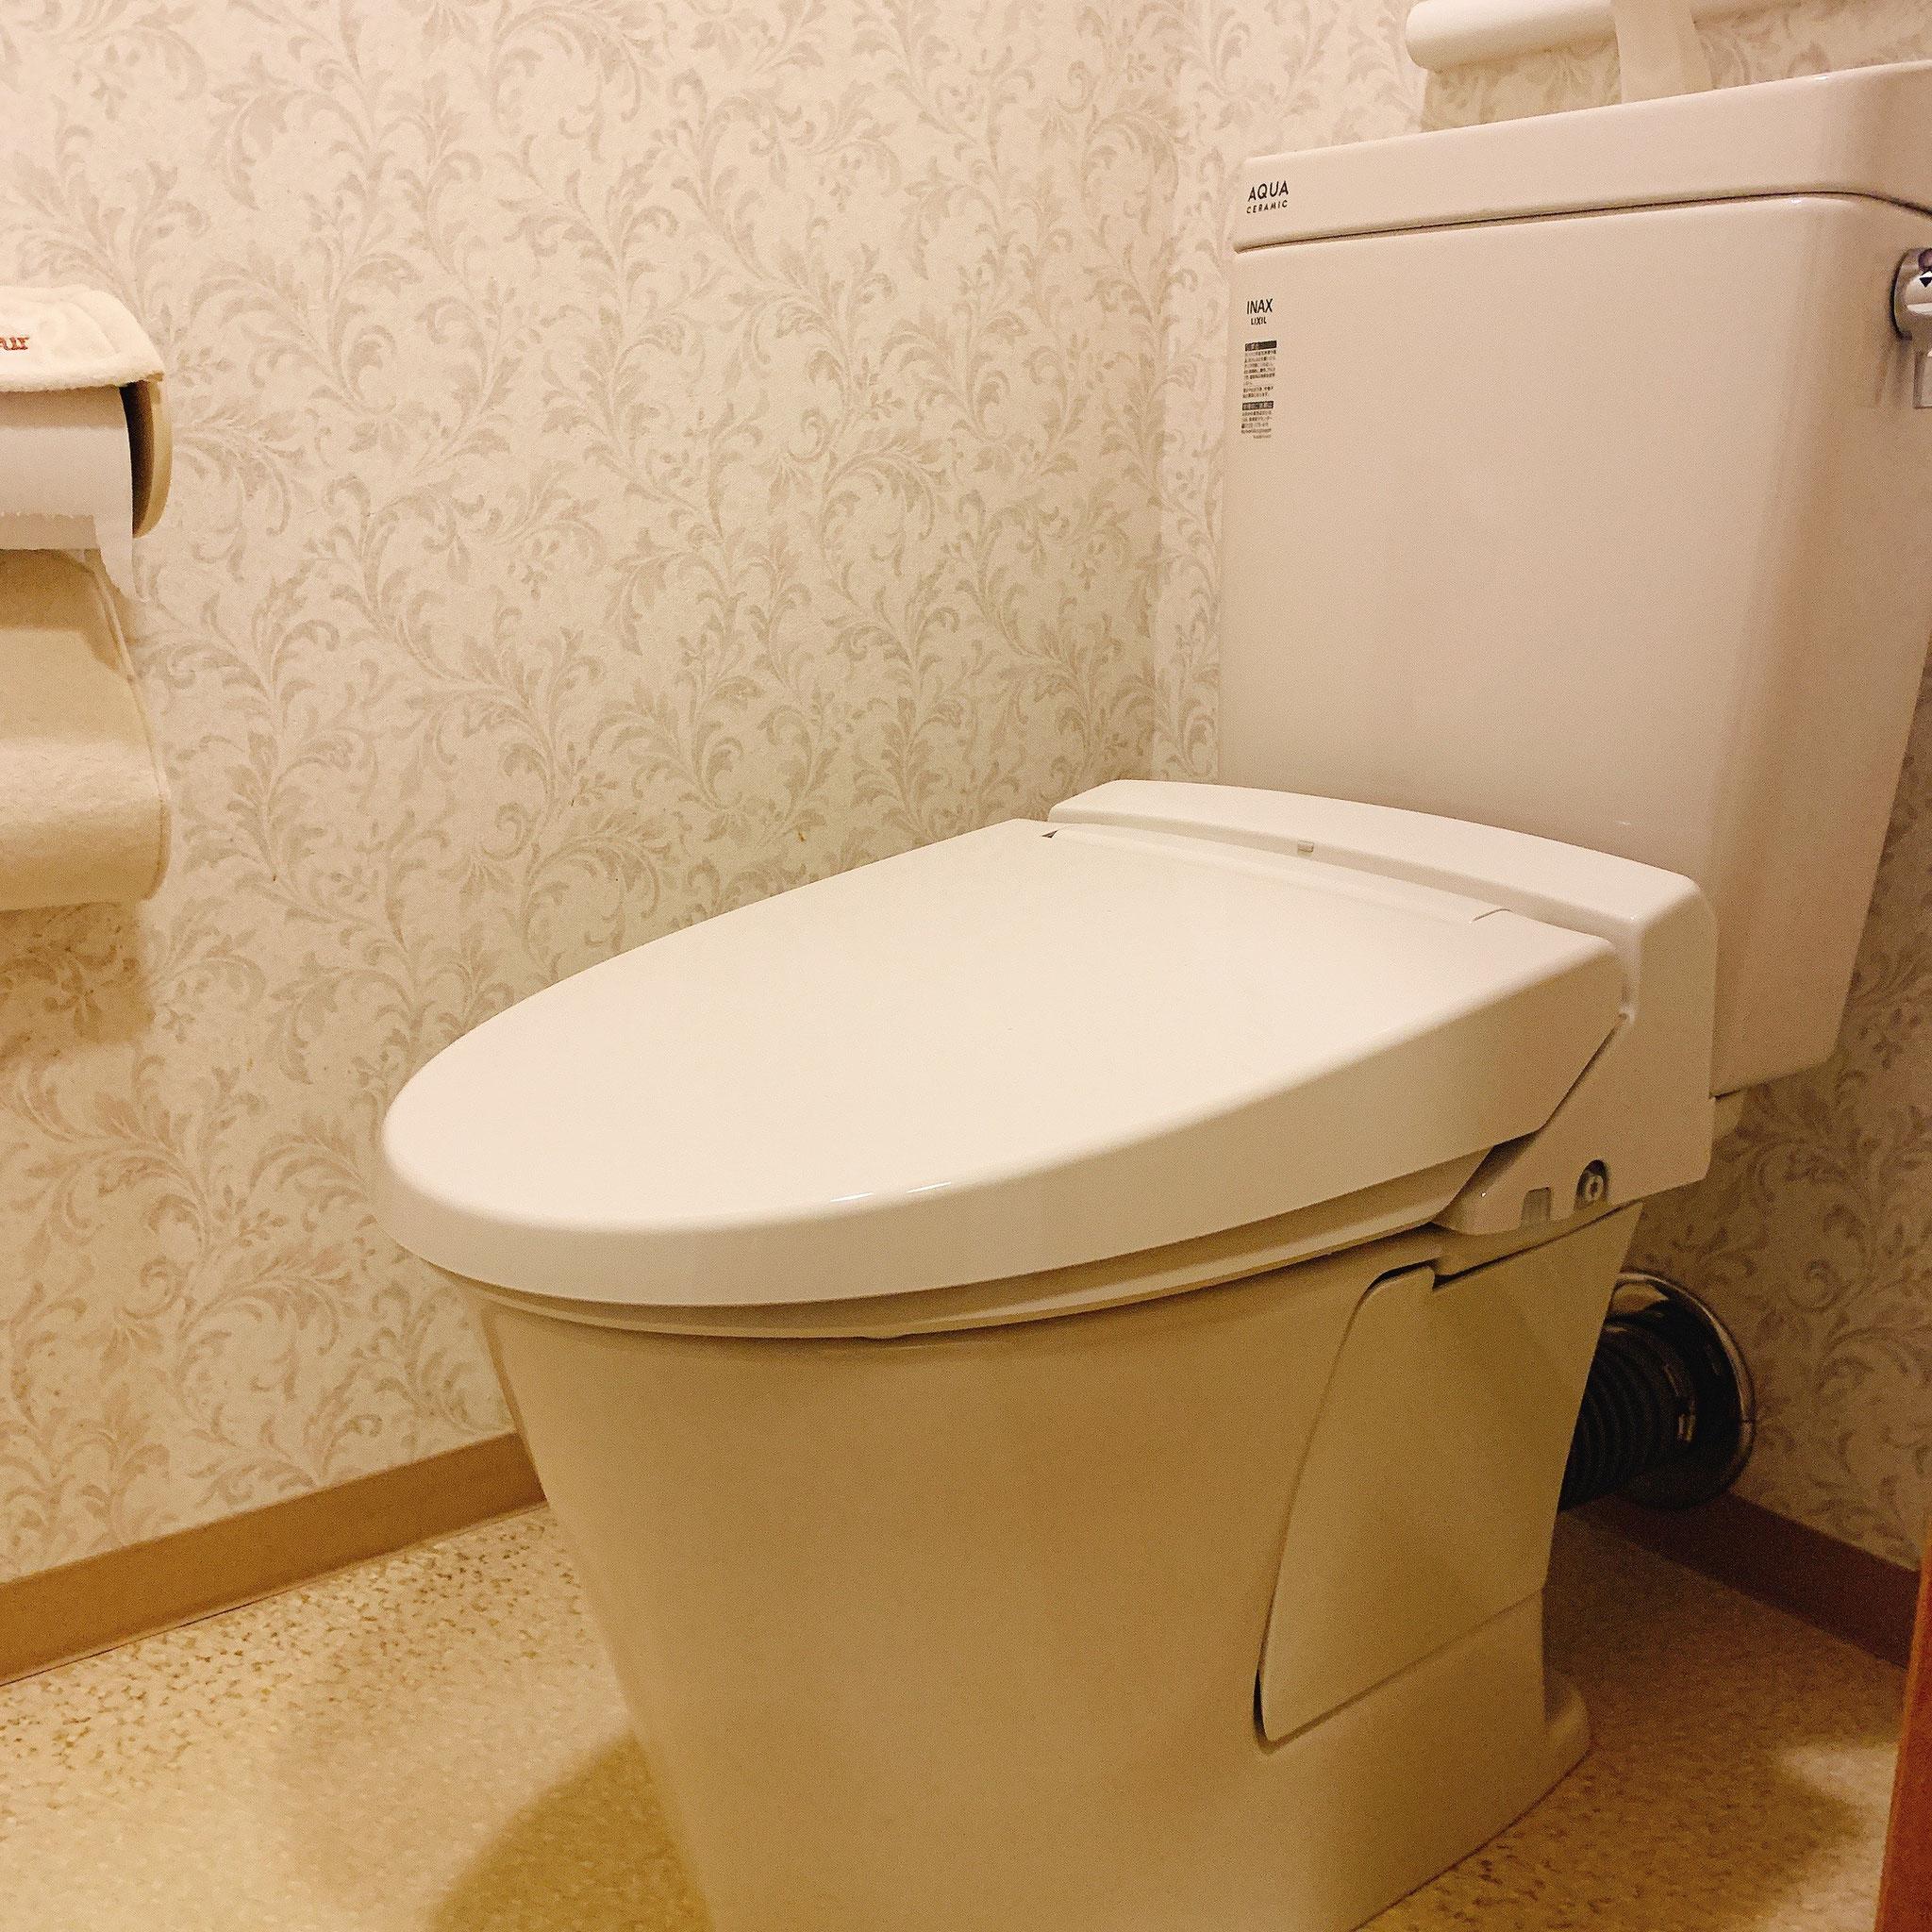 マンションの洋式トイレの交換(タンクの老朽化による)リクシルさんのアメージュというトイレになりました。